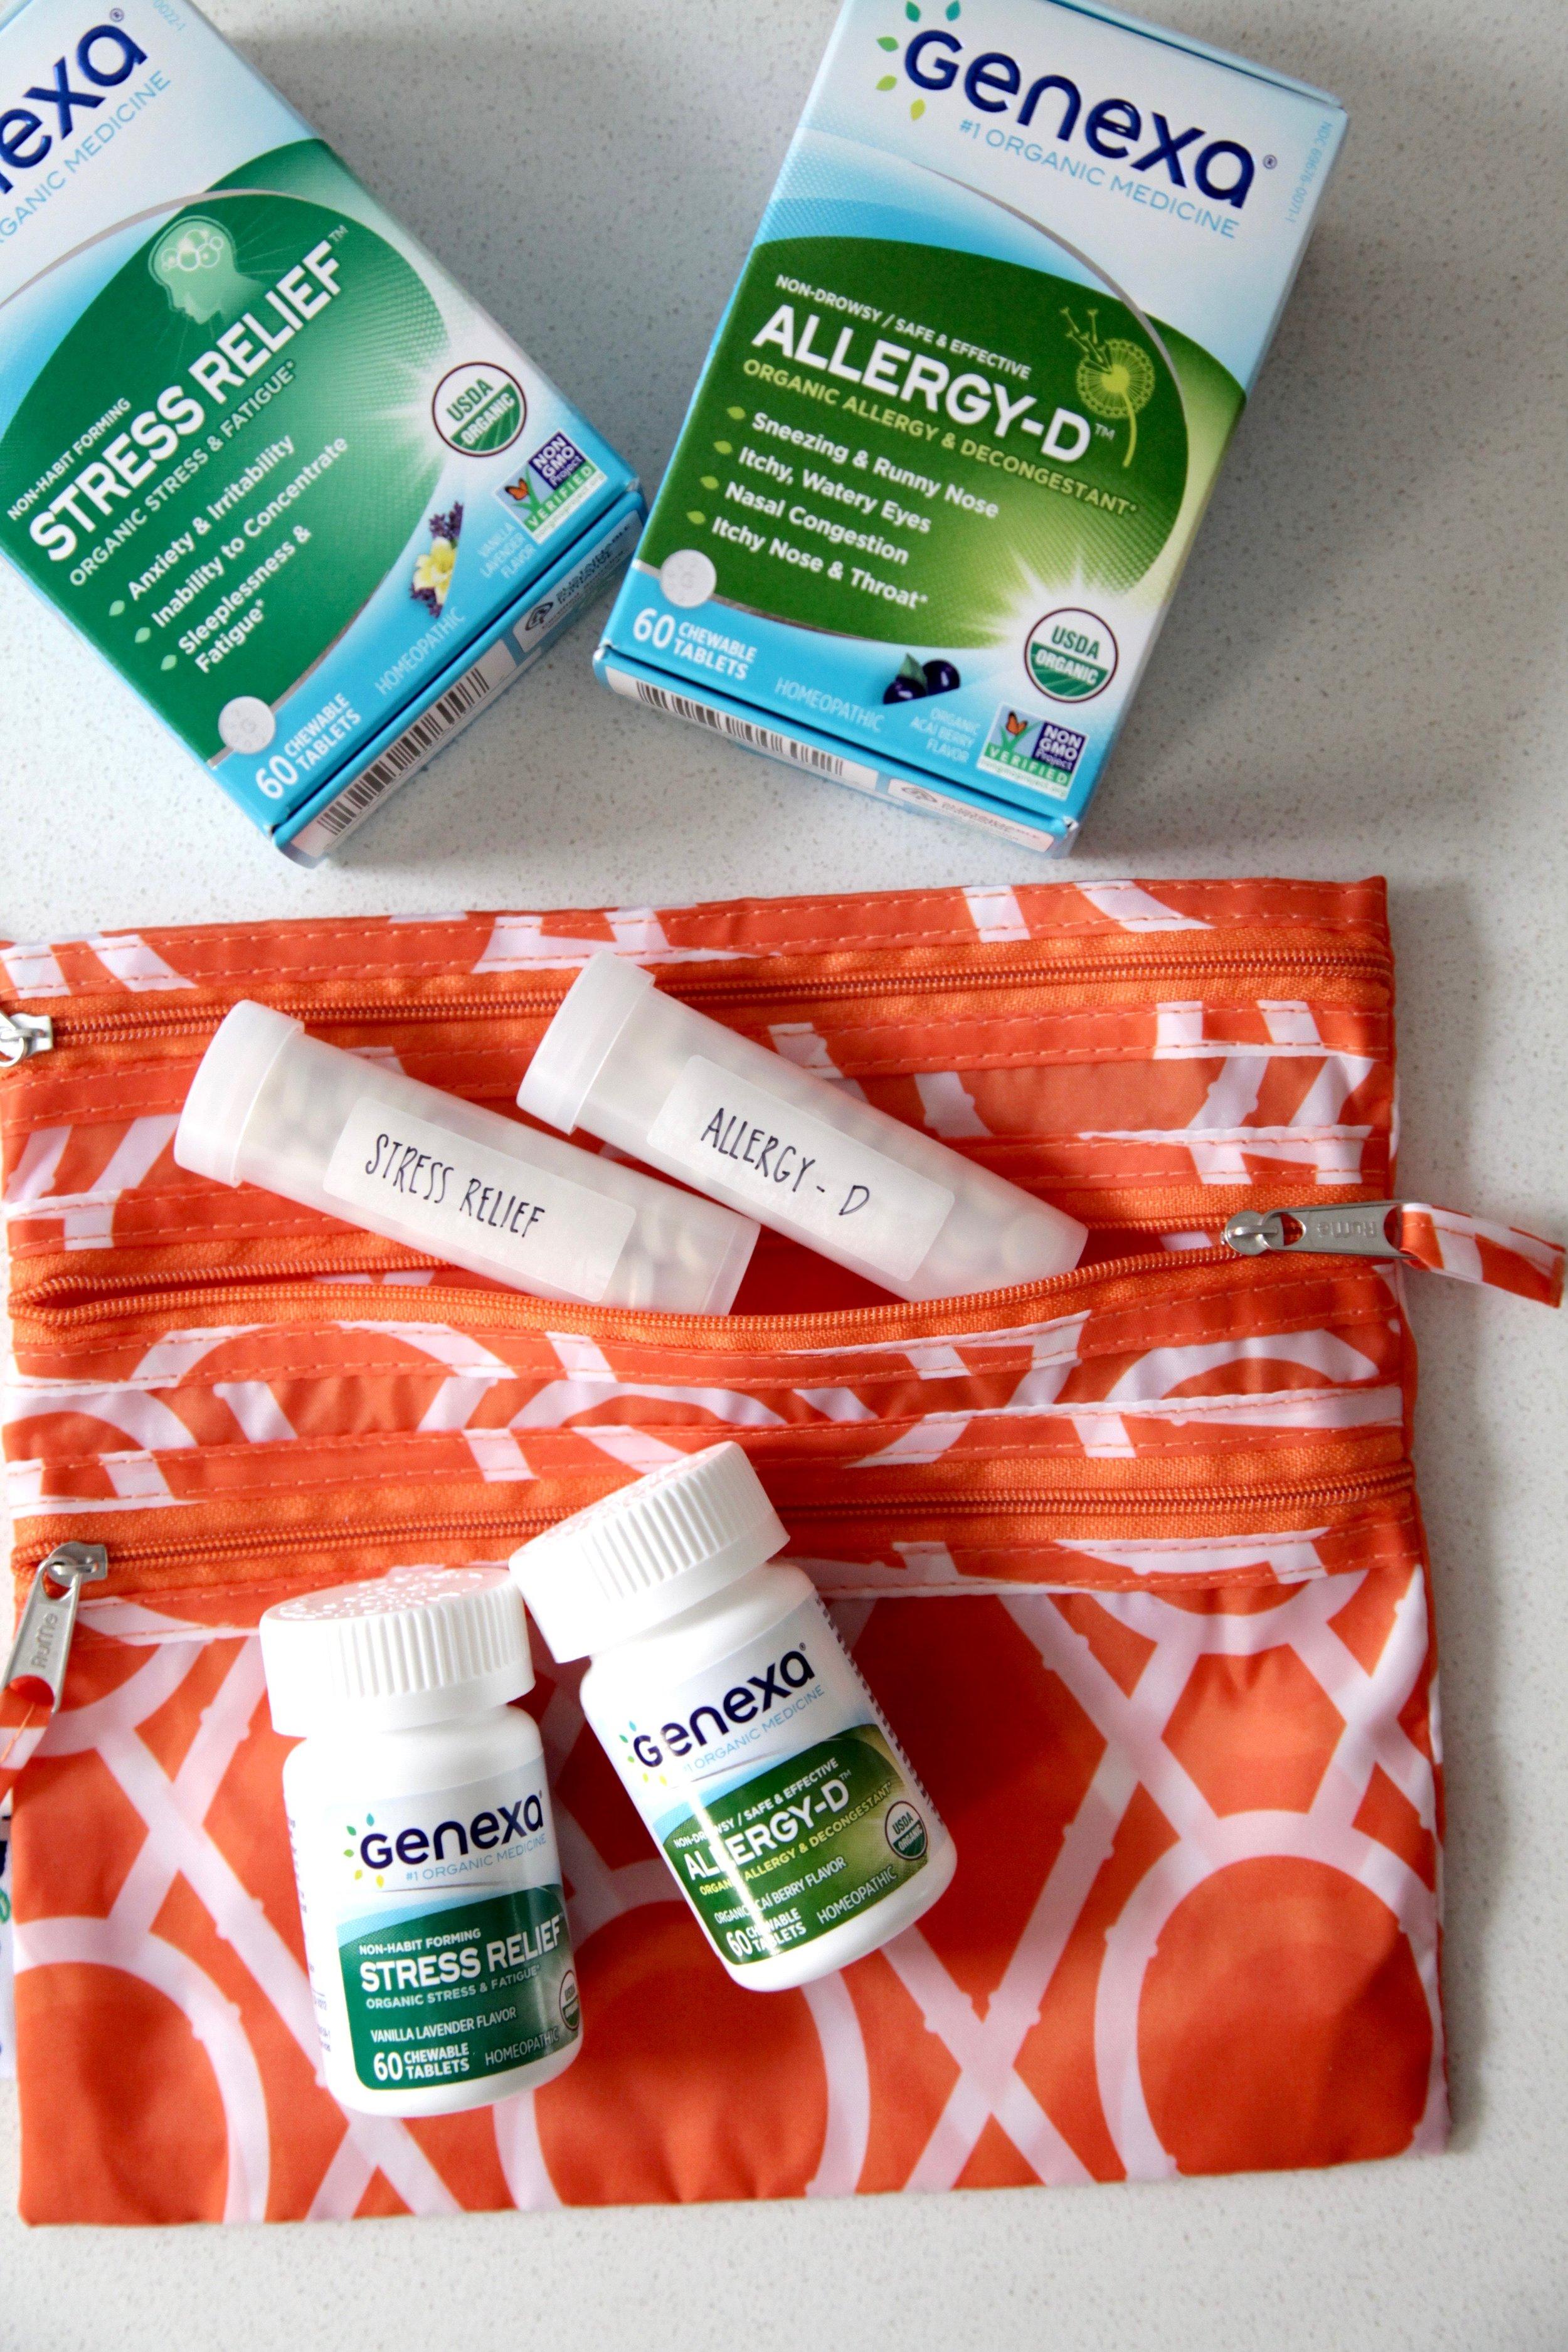 genexa medicine travel julianna strickland